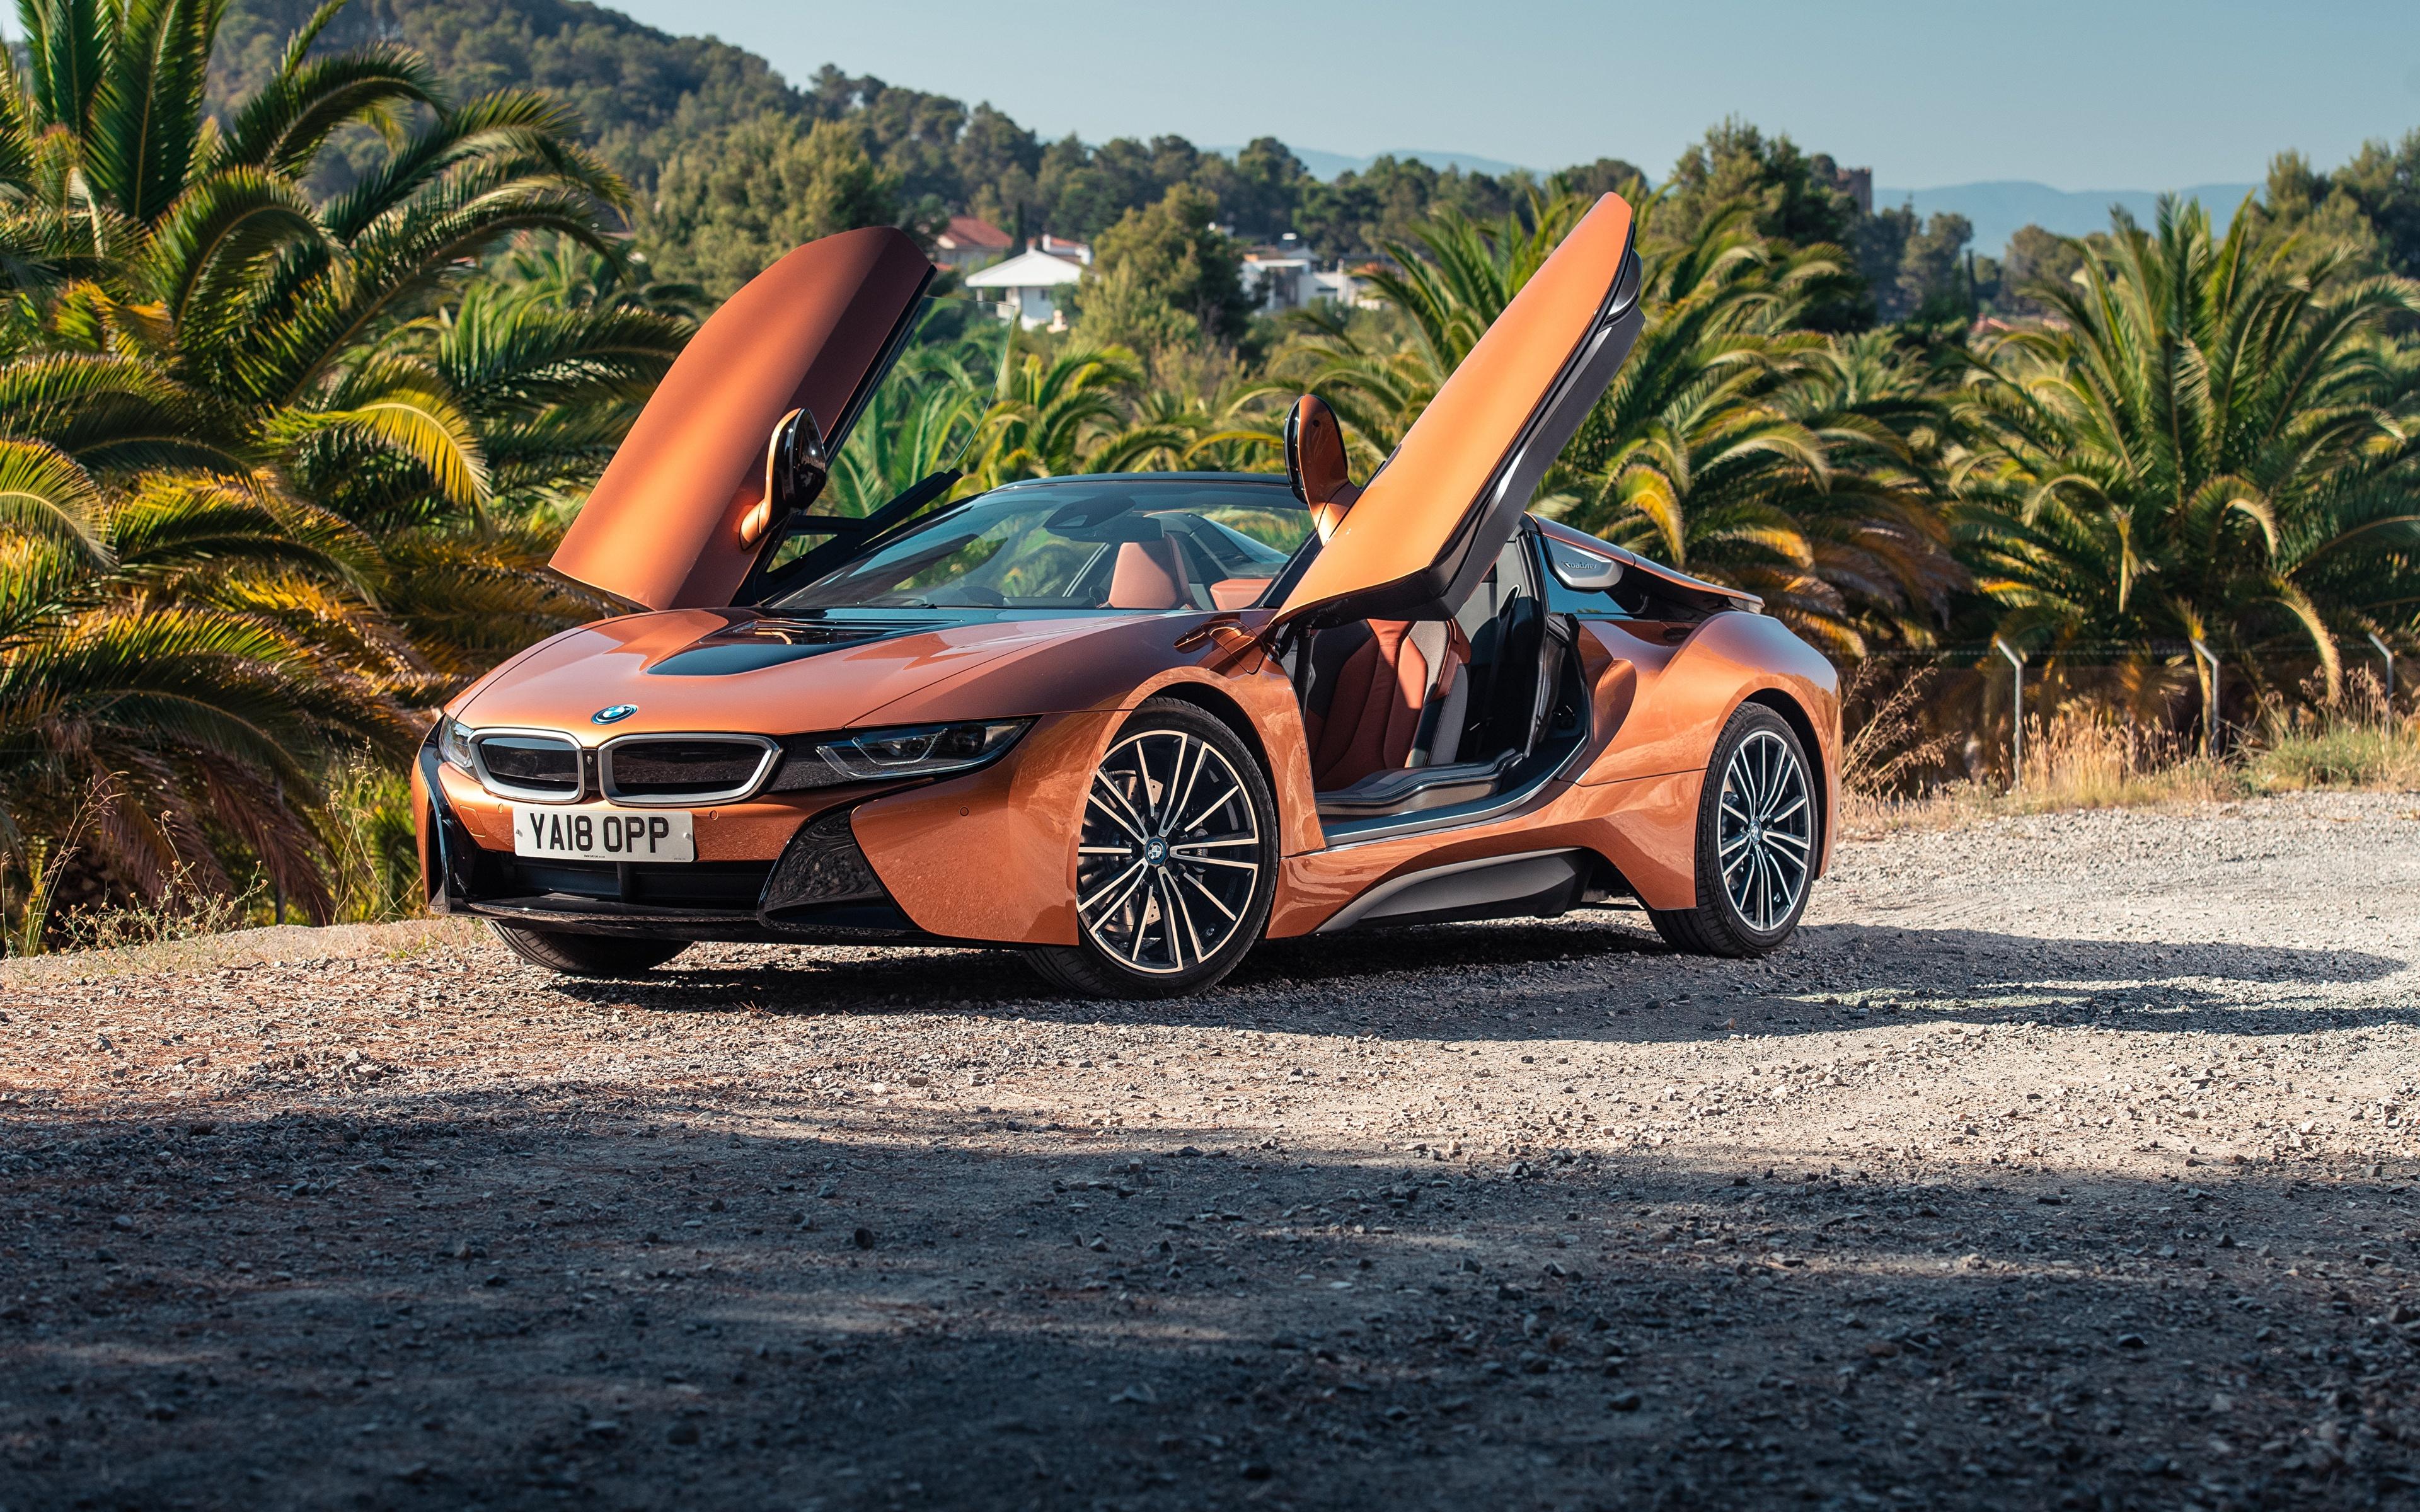 Картинка BMW 2018 i8 Родстер Оранжевый авто 3840x2400 БМВ оранжевых оранжевые оранжевая машина машины автомобиль Автомобили